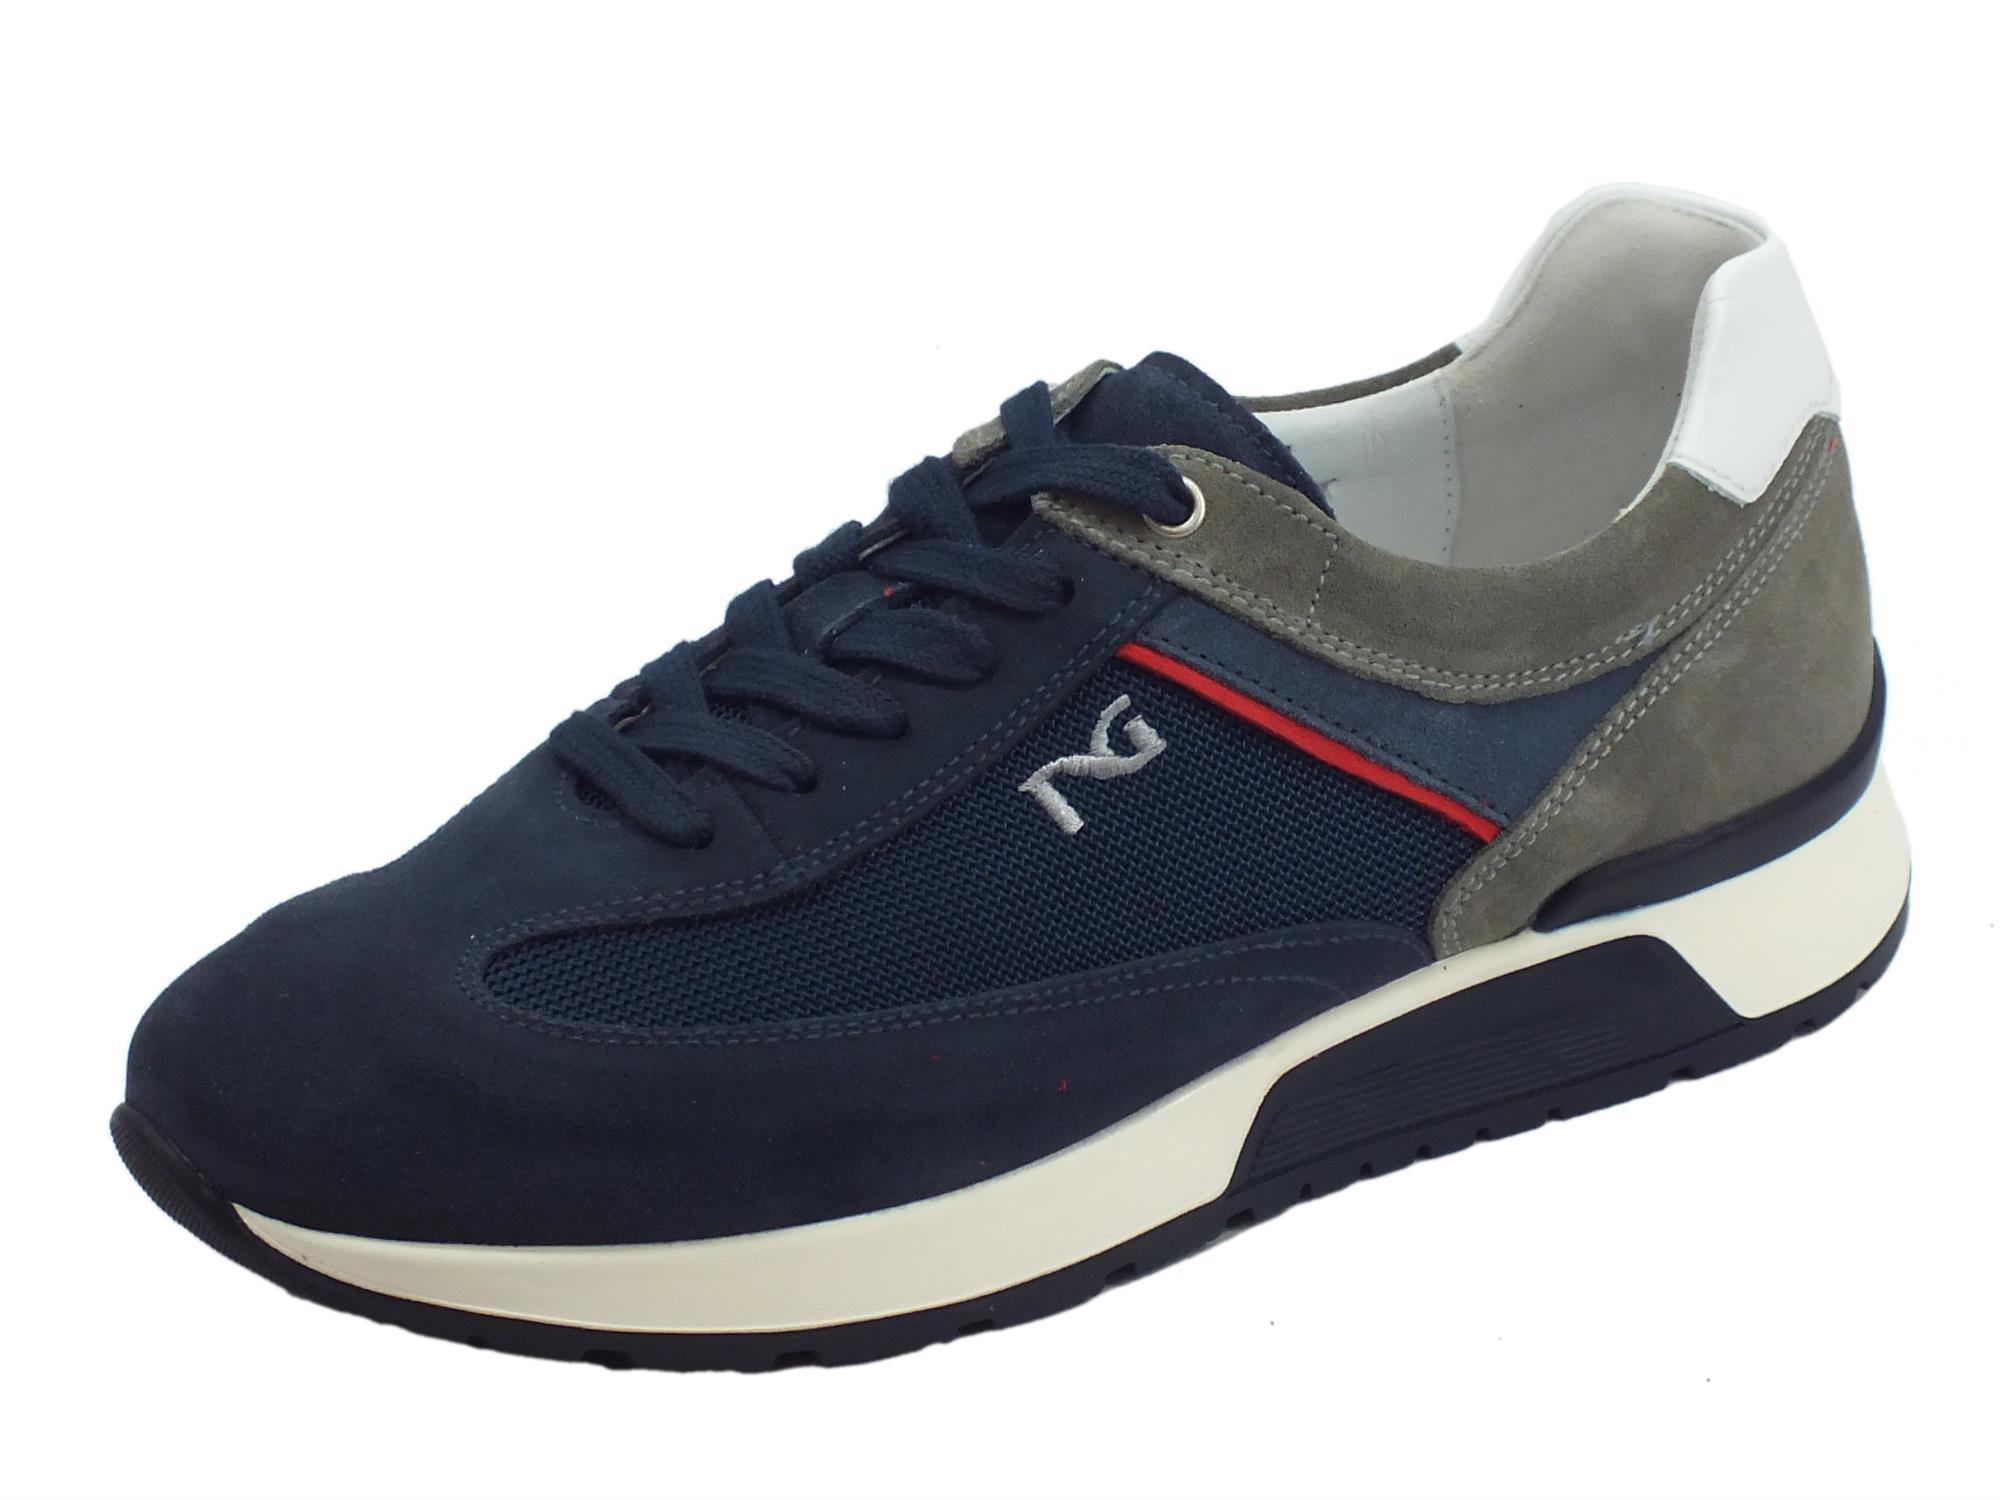 on sale bba66 1ae5c Scarpe sportive NeroGiardini per uomo in camoscio e tessuto blu e fumo